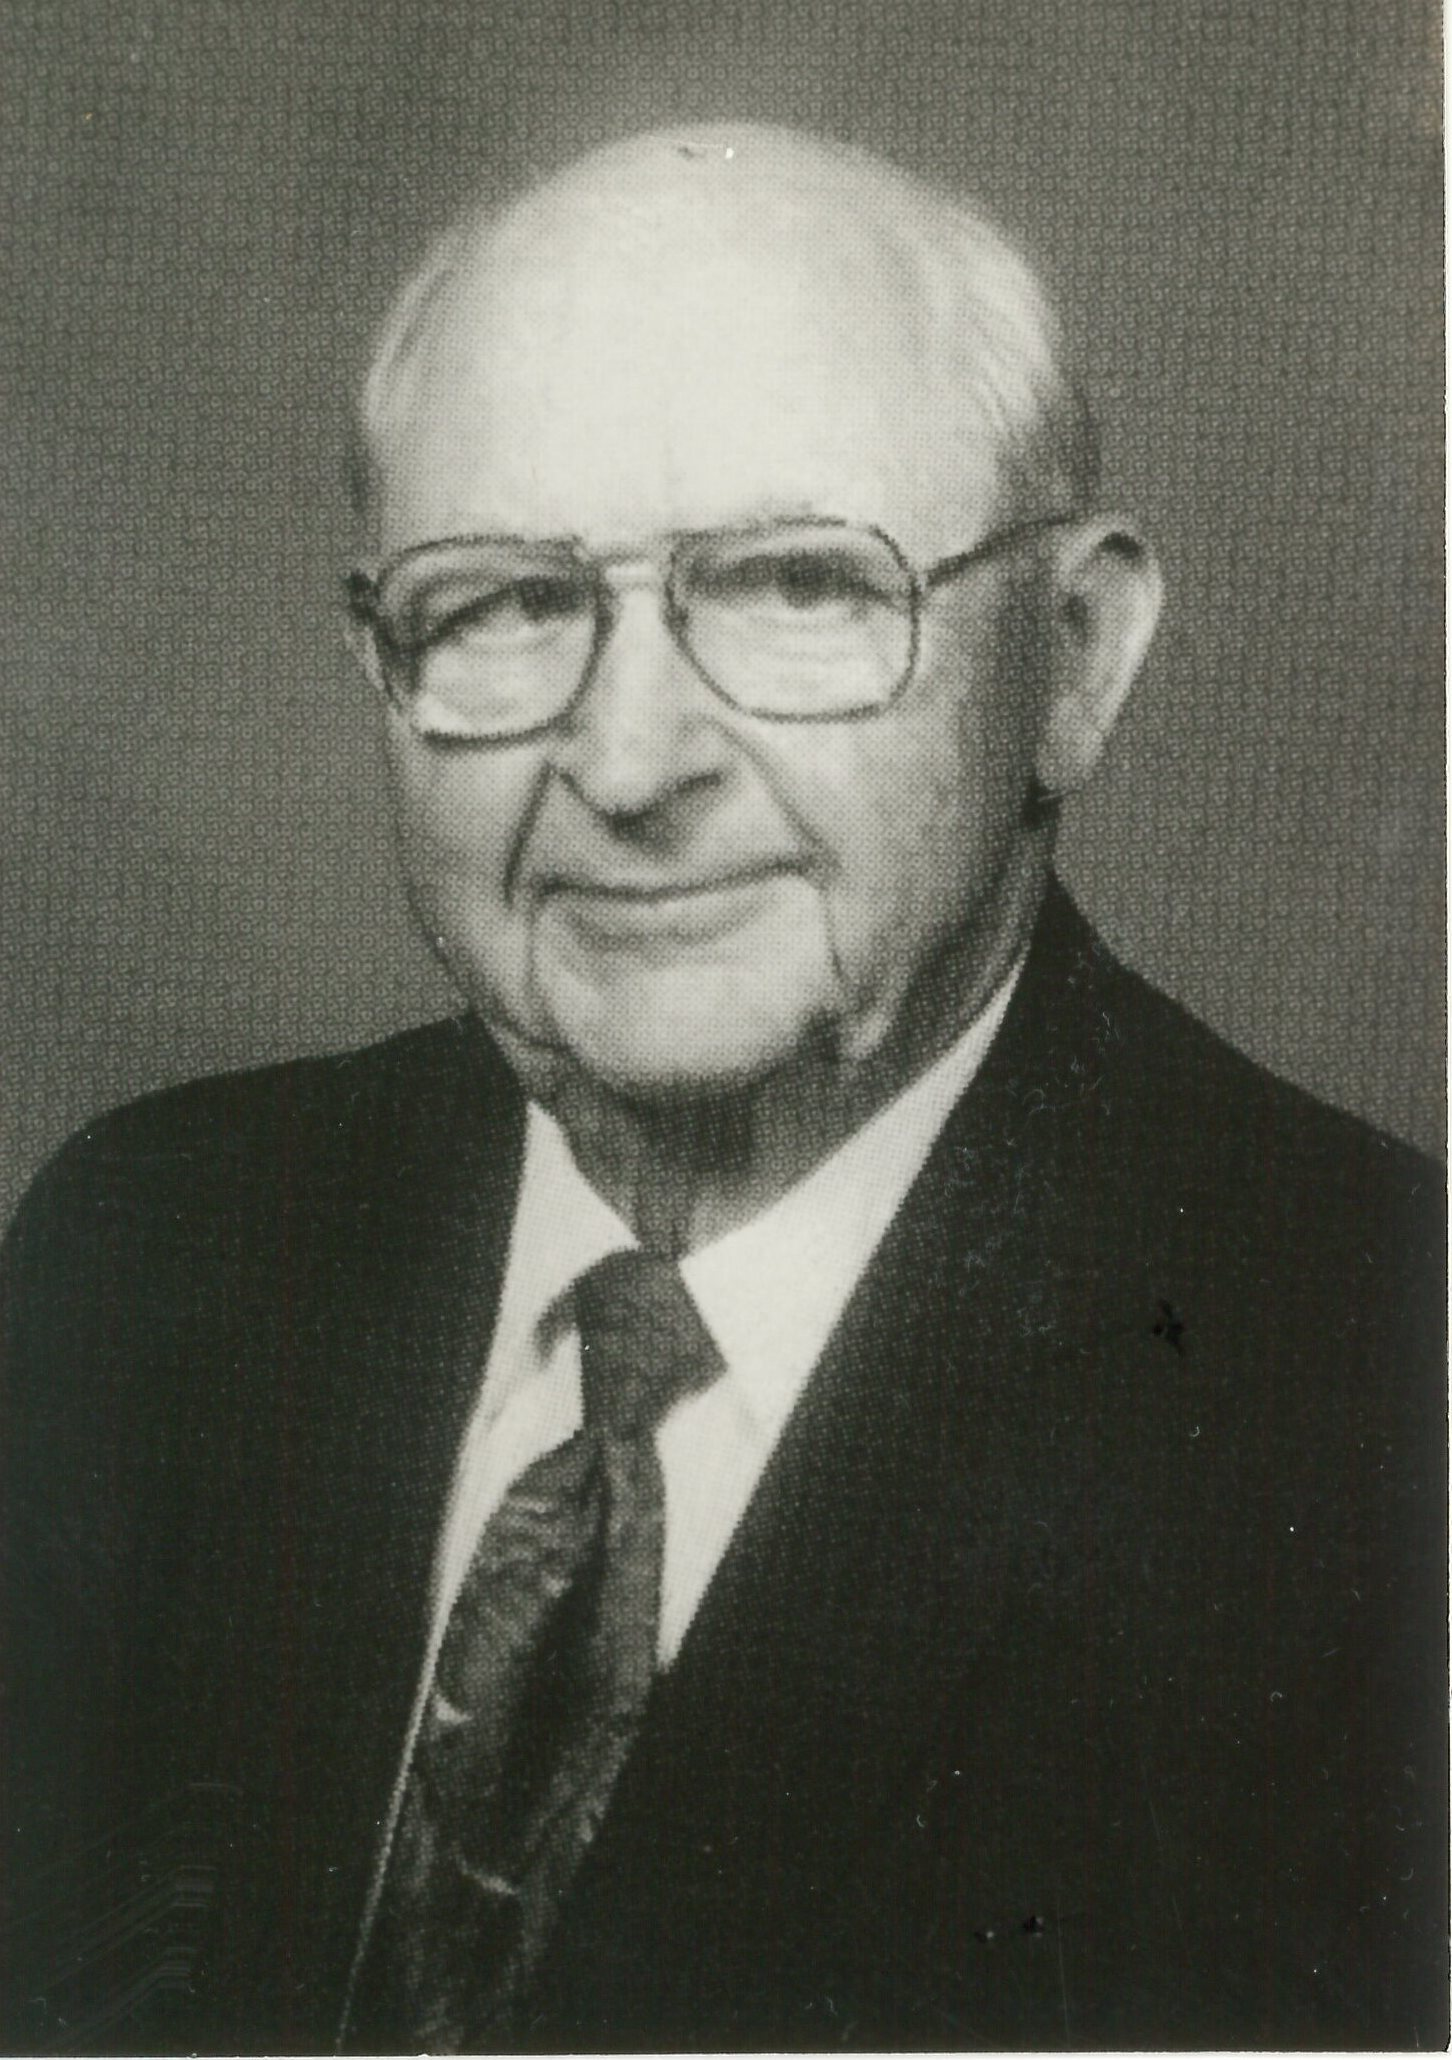 Harlan H. Saathoff